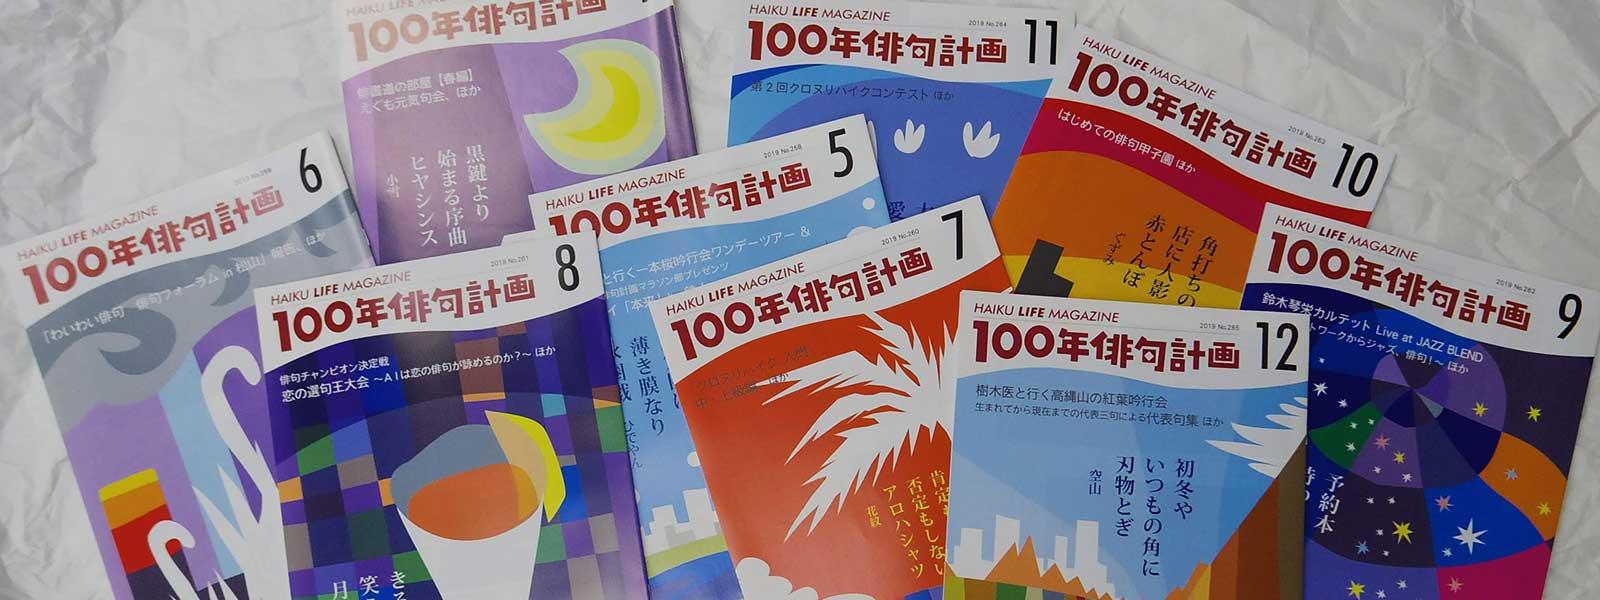 月刊誌100年俳句計画